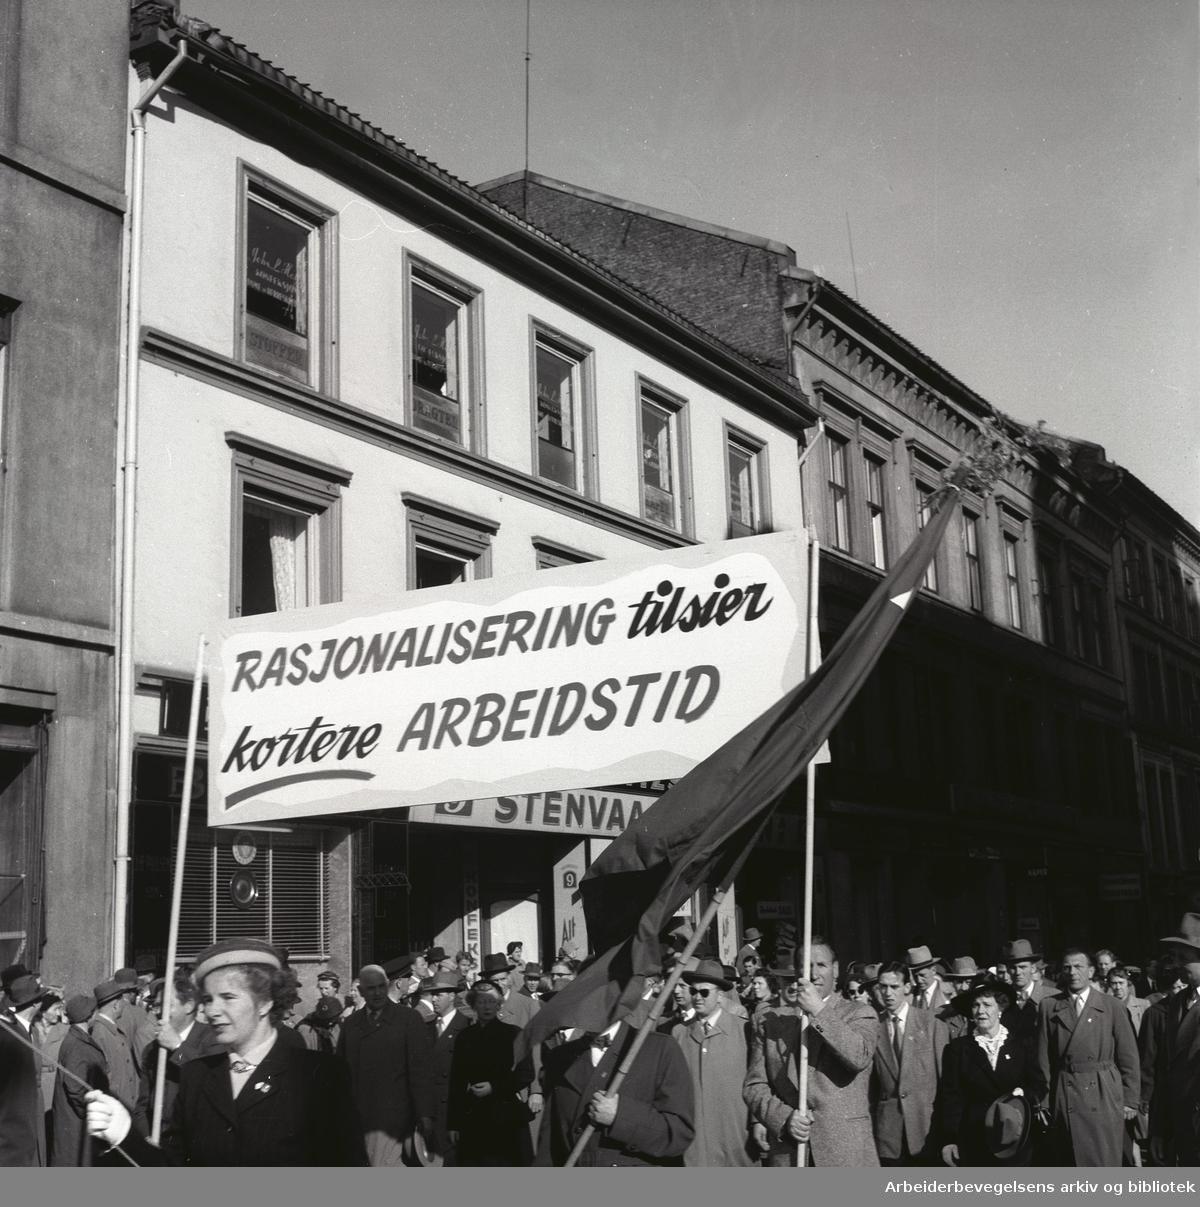 1. mai 1956, demonstrasjonstoget på Youngstorget. Parole: Rasjonalisering tilsier kortere arbeidstid.